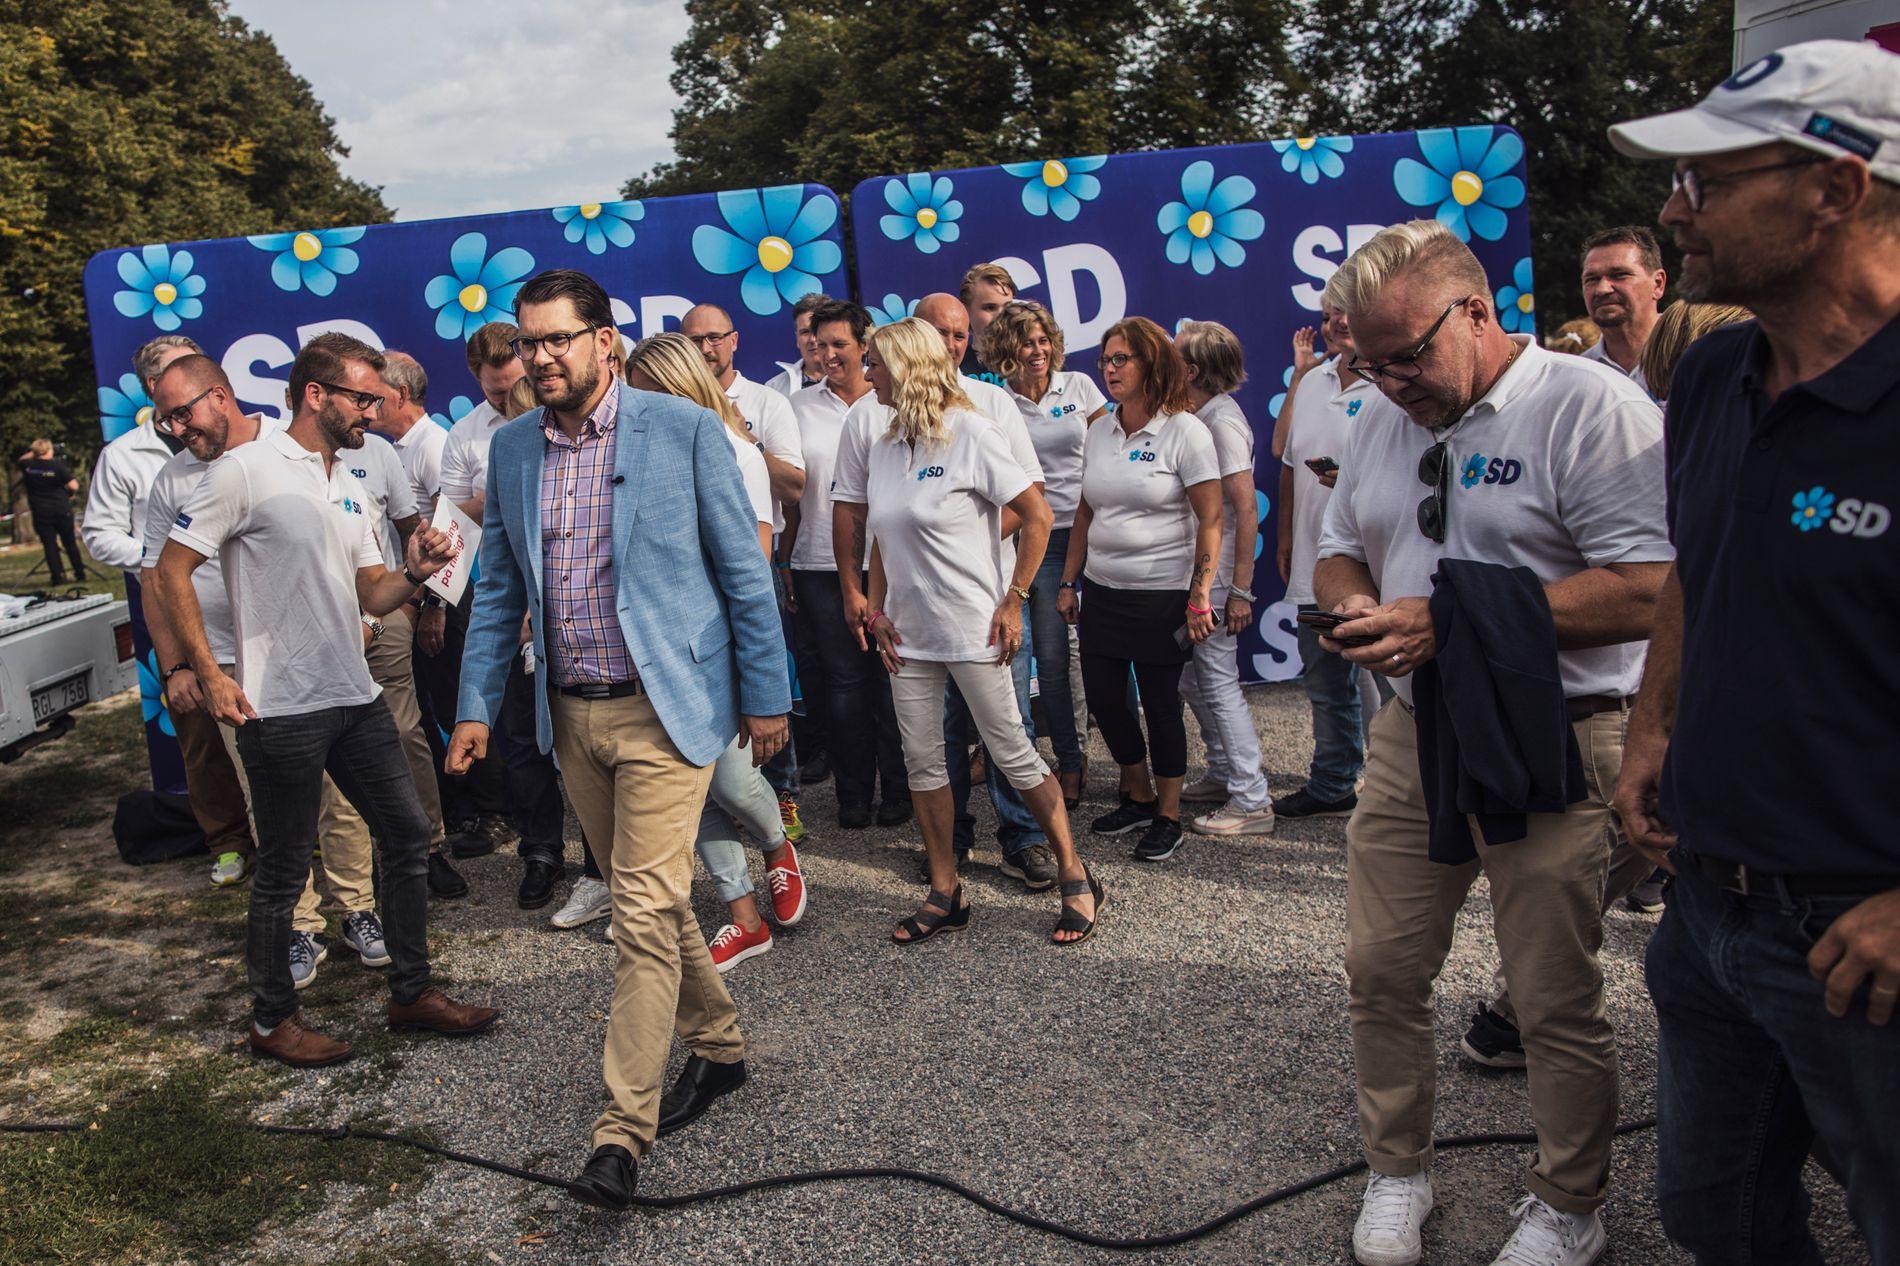 SVERIGE RUNDT: Jimmie Åkesson er på valgkampturné i Sverige. Foran noen hundre tilhengere i Eskilstuna i Sverige snakket han om innvandring og hvordan han mener sosialdemokratene har ødelagt det svenske samfunnet.